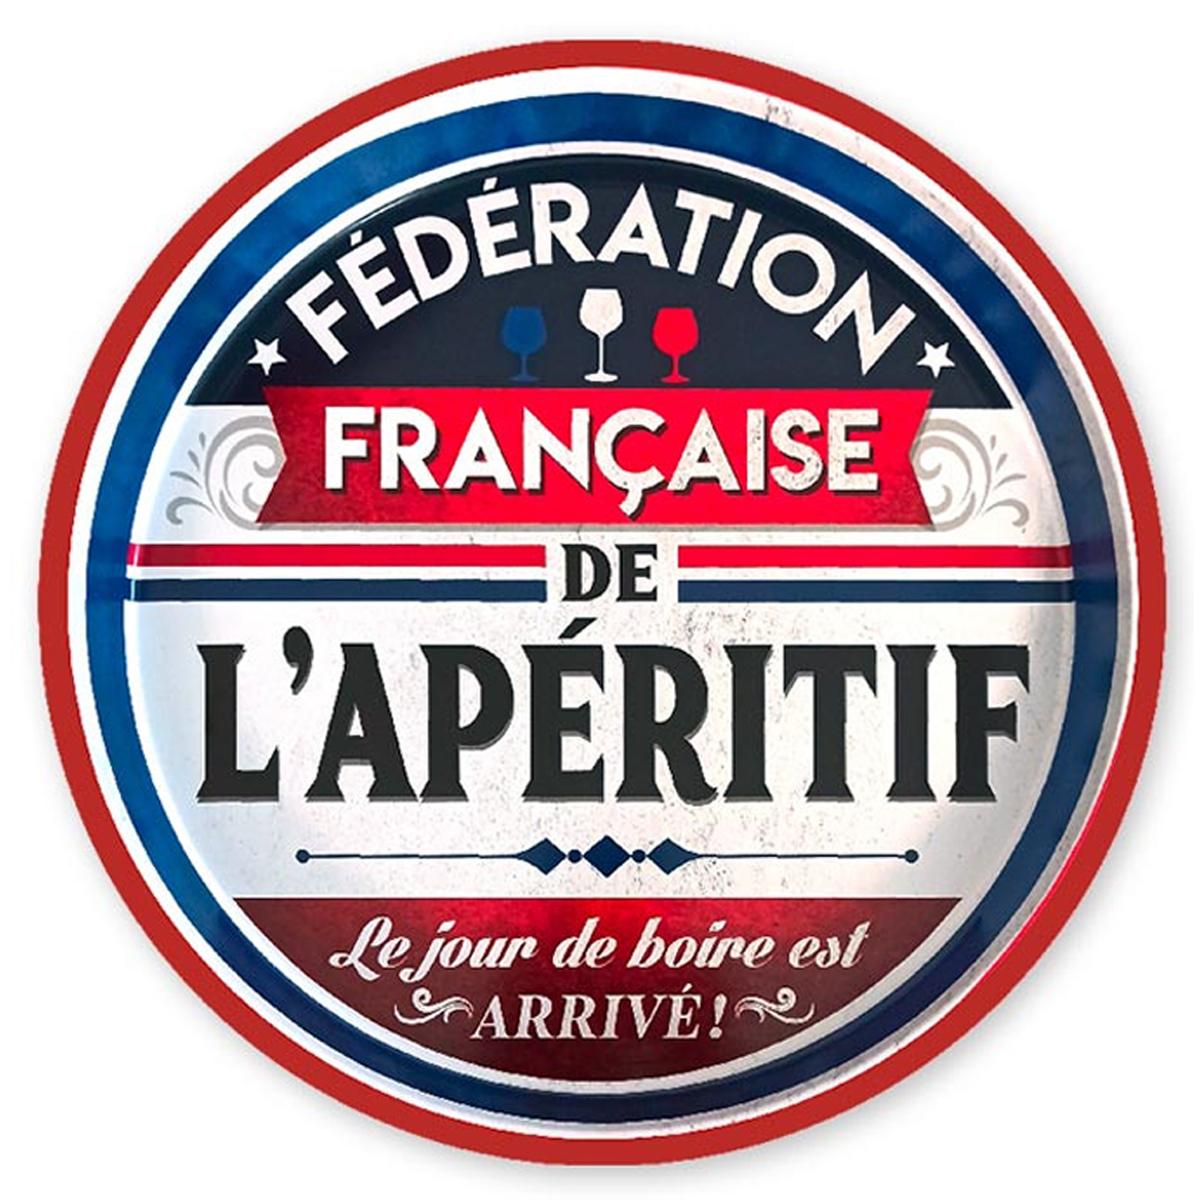 Plateau rond métal \'Messages\' (Fédération française de l\'Apéritif) - 33 cm - [A1868]